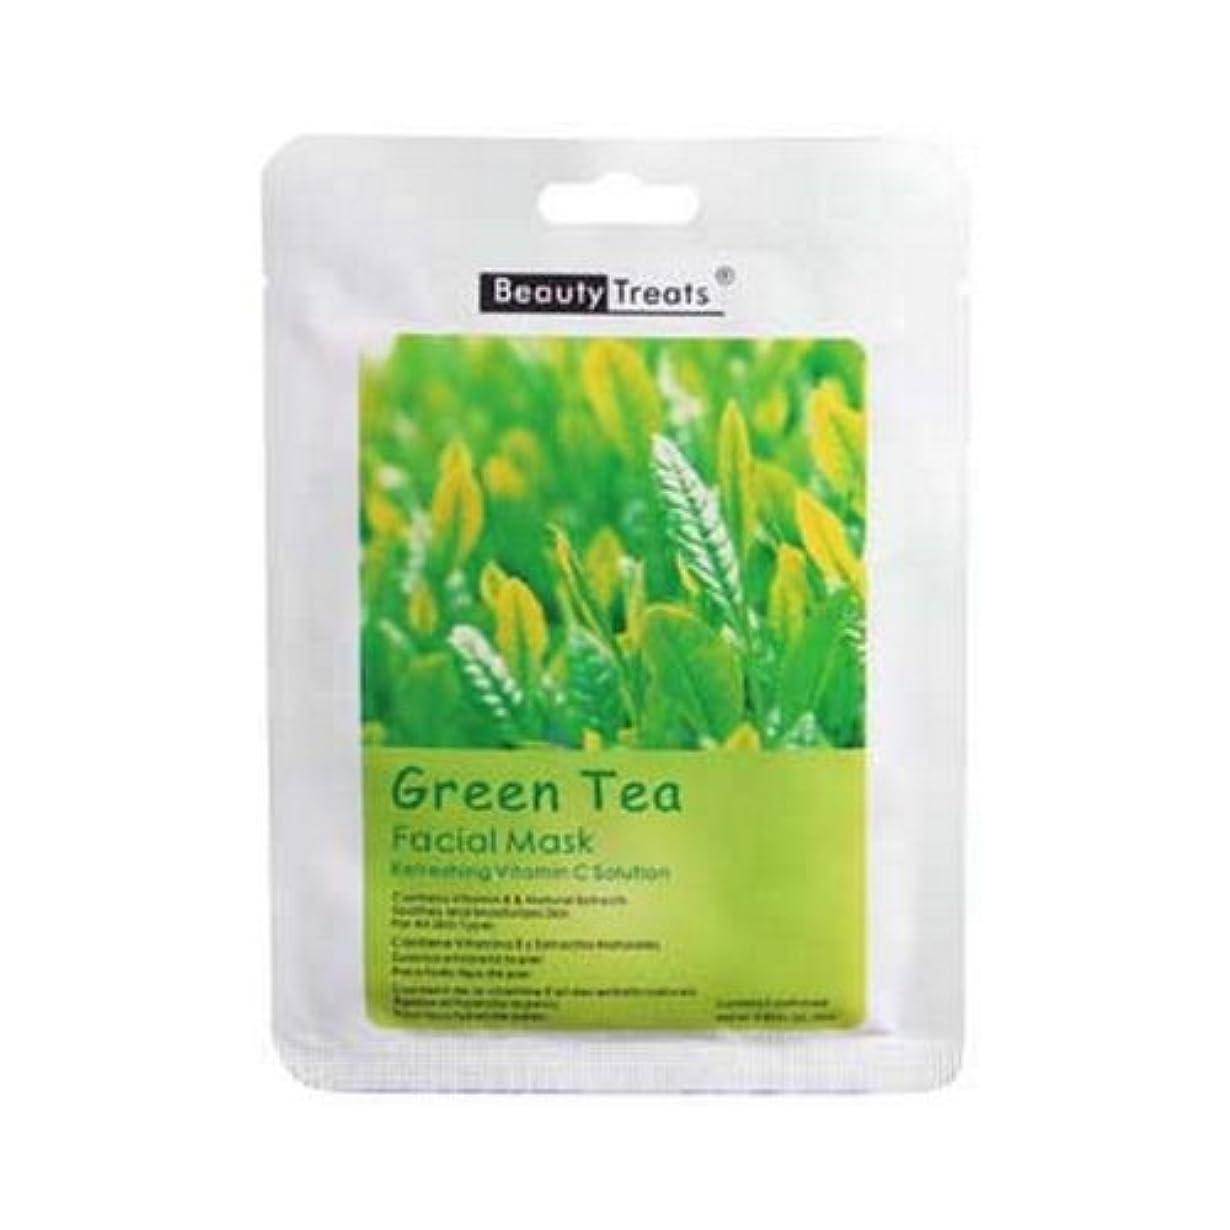 炎上マティス観点(3 Pack) BEAUTY TREATS Facial Mask Refreshing Vitamin C Solution - Green Tea (並行輸入品)